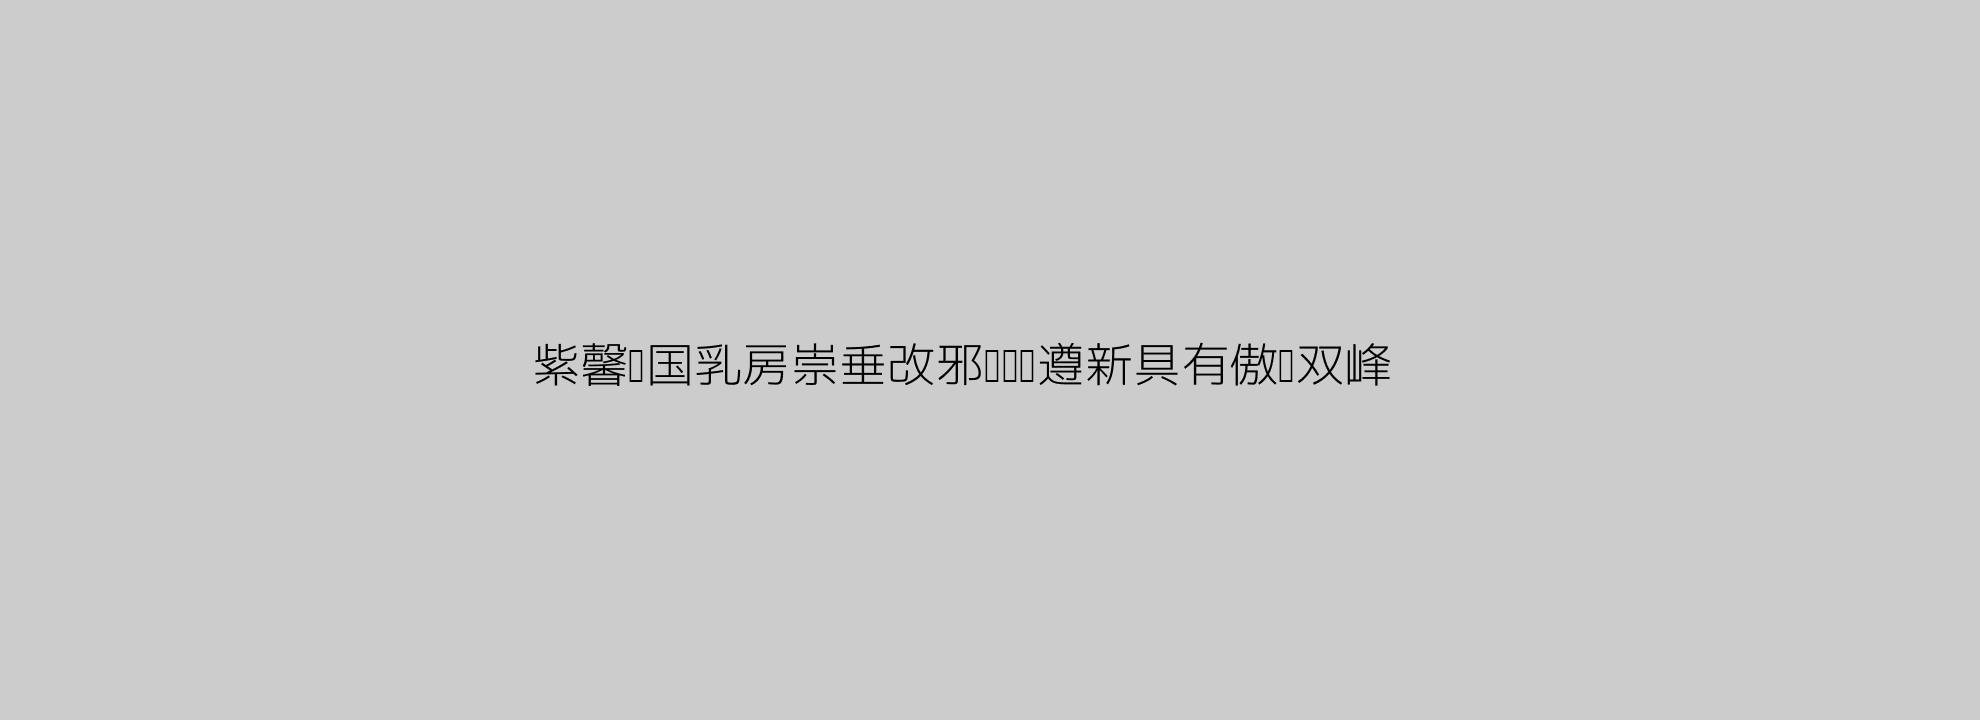 紫馨韩国乳房崇垂改邪术让你遵新具有傲腆双峰